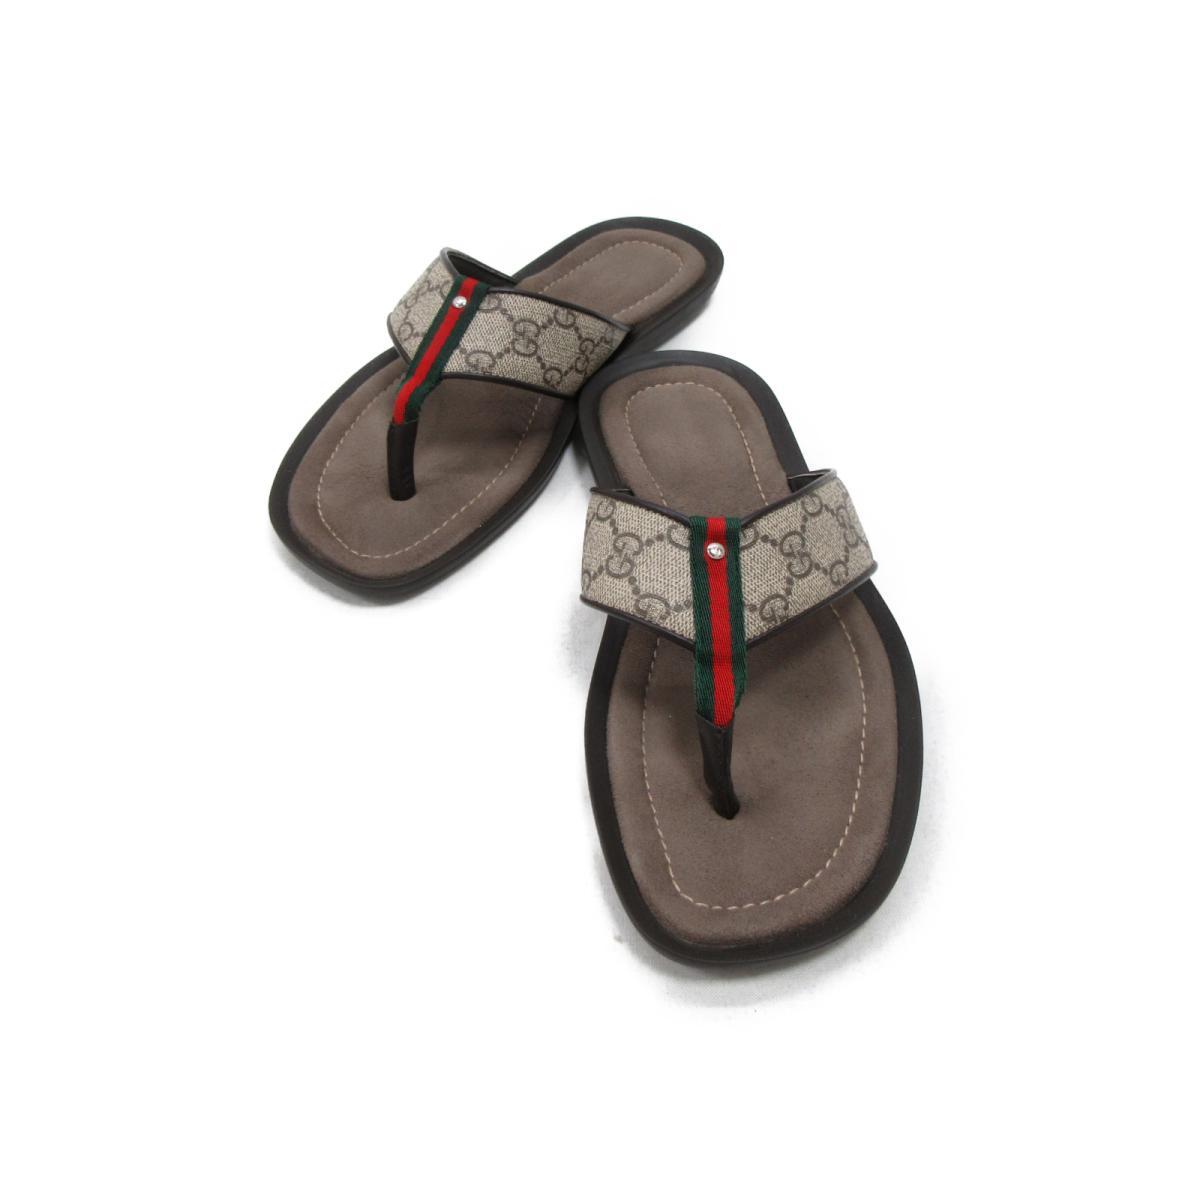 【中古】 グッチ サンダル メンズ レザー x PVC ブラウン系 (202762)   GUCCI くつ 靴 サンダル 美品 ブランドオフ